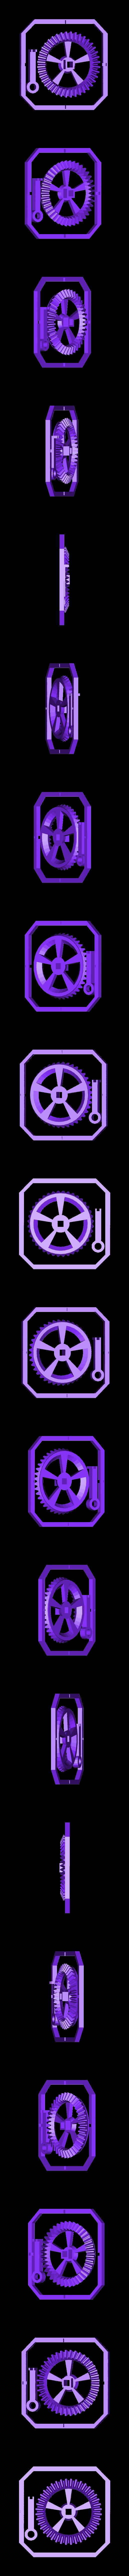 recordplayer_v2_set4.stl Télécharger fichier STL gratuit Lecteur vinyle coudé à la main v2.0 • Objet pour imprimante 3D, Tramgonce